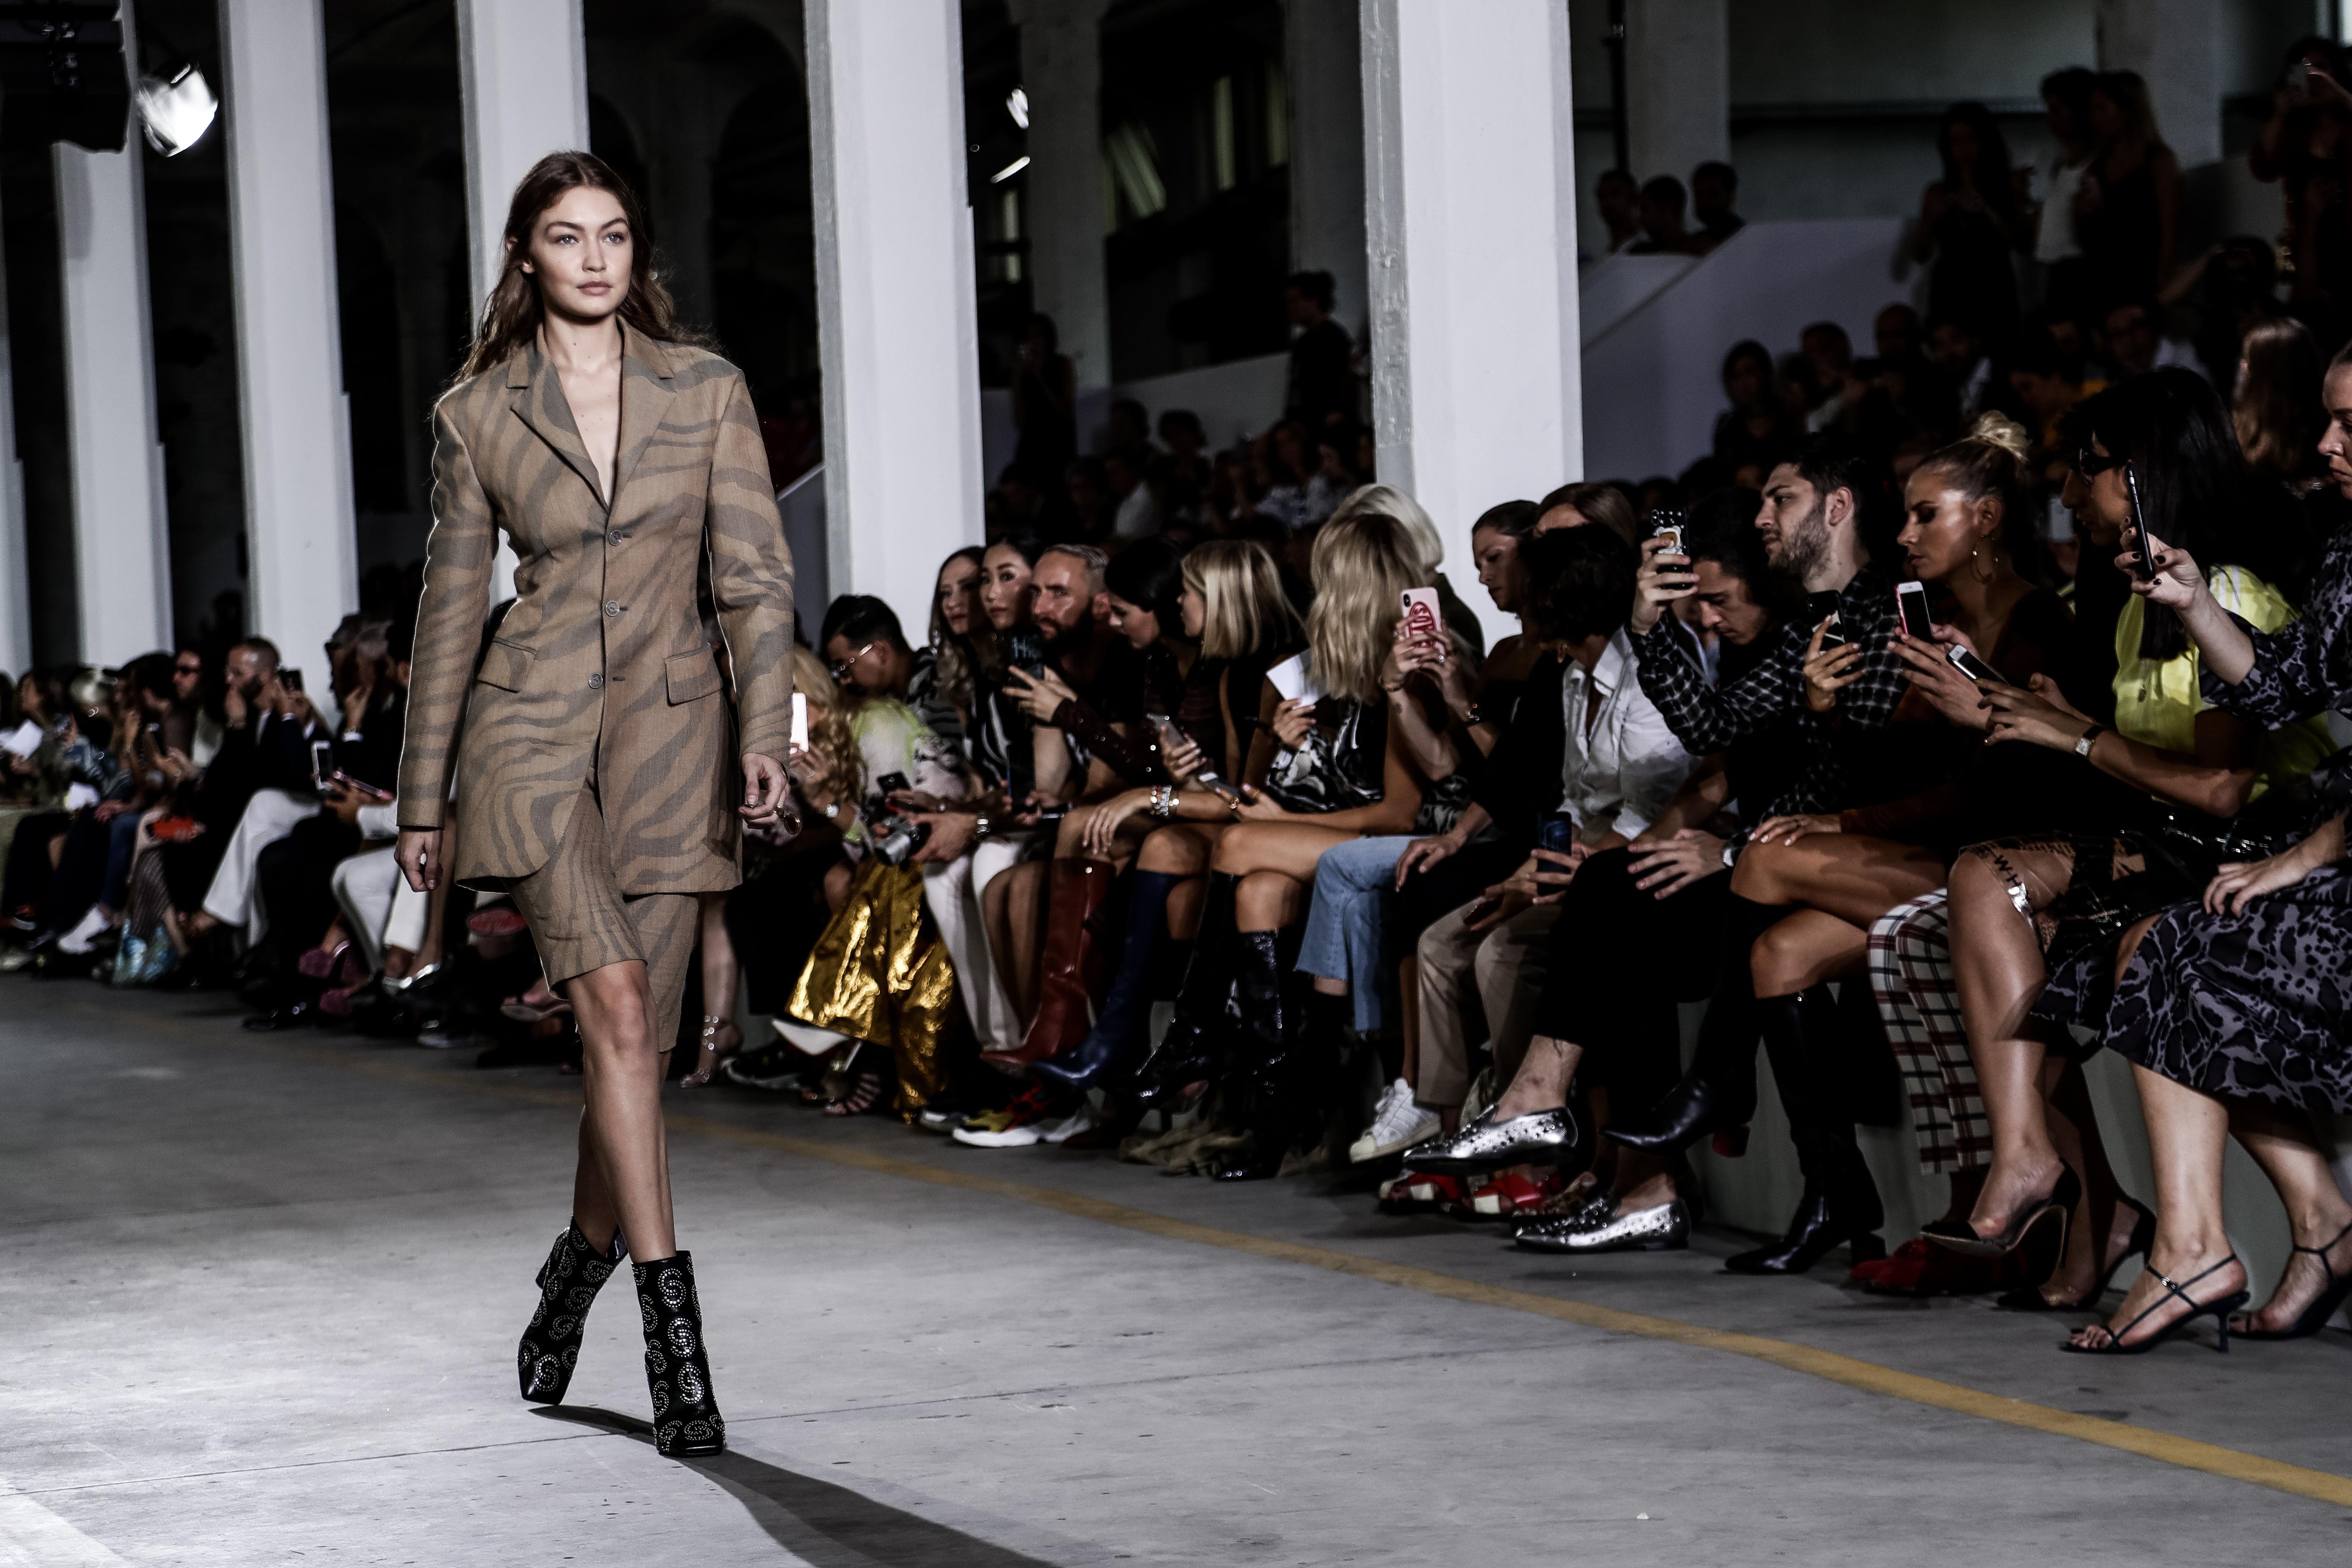 Джиджи Хадид  По-голямата от сестрите Хадид започва кариерата си като модел на 2-годишна възраст. Първият й ангажимент, както и откриването й като модел, са благодарение на съоснователя на Guess - Пол Марсиано за кампания за бебешка мода. Днес Джиджи може да се похвали с голям брой корици на модни списания, както и участия в дефилетата на почти всички големи брандове.